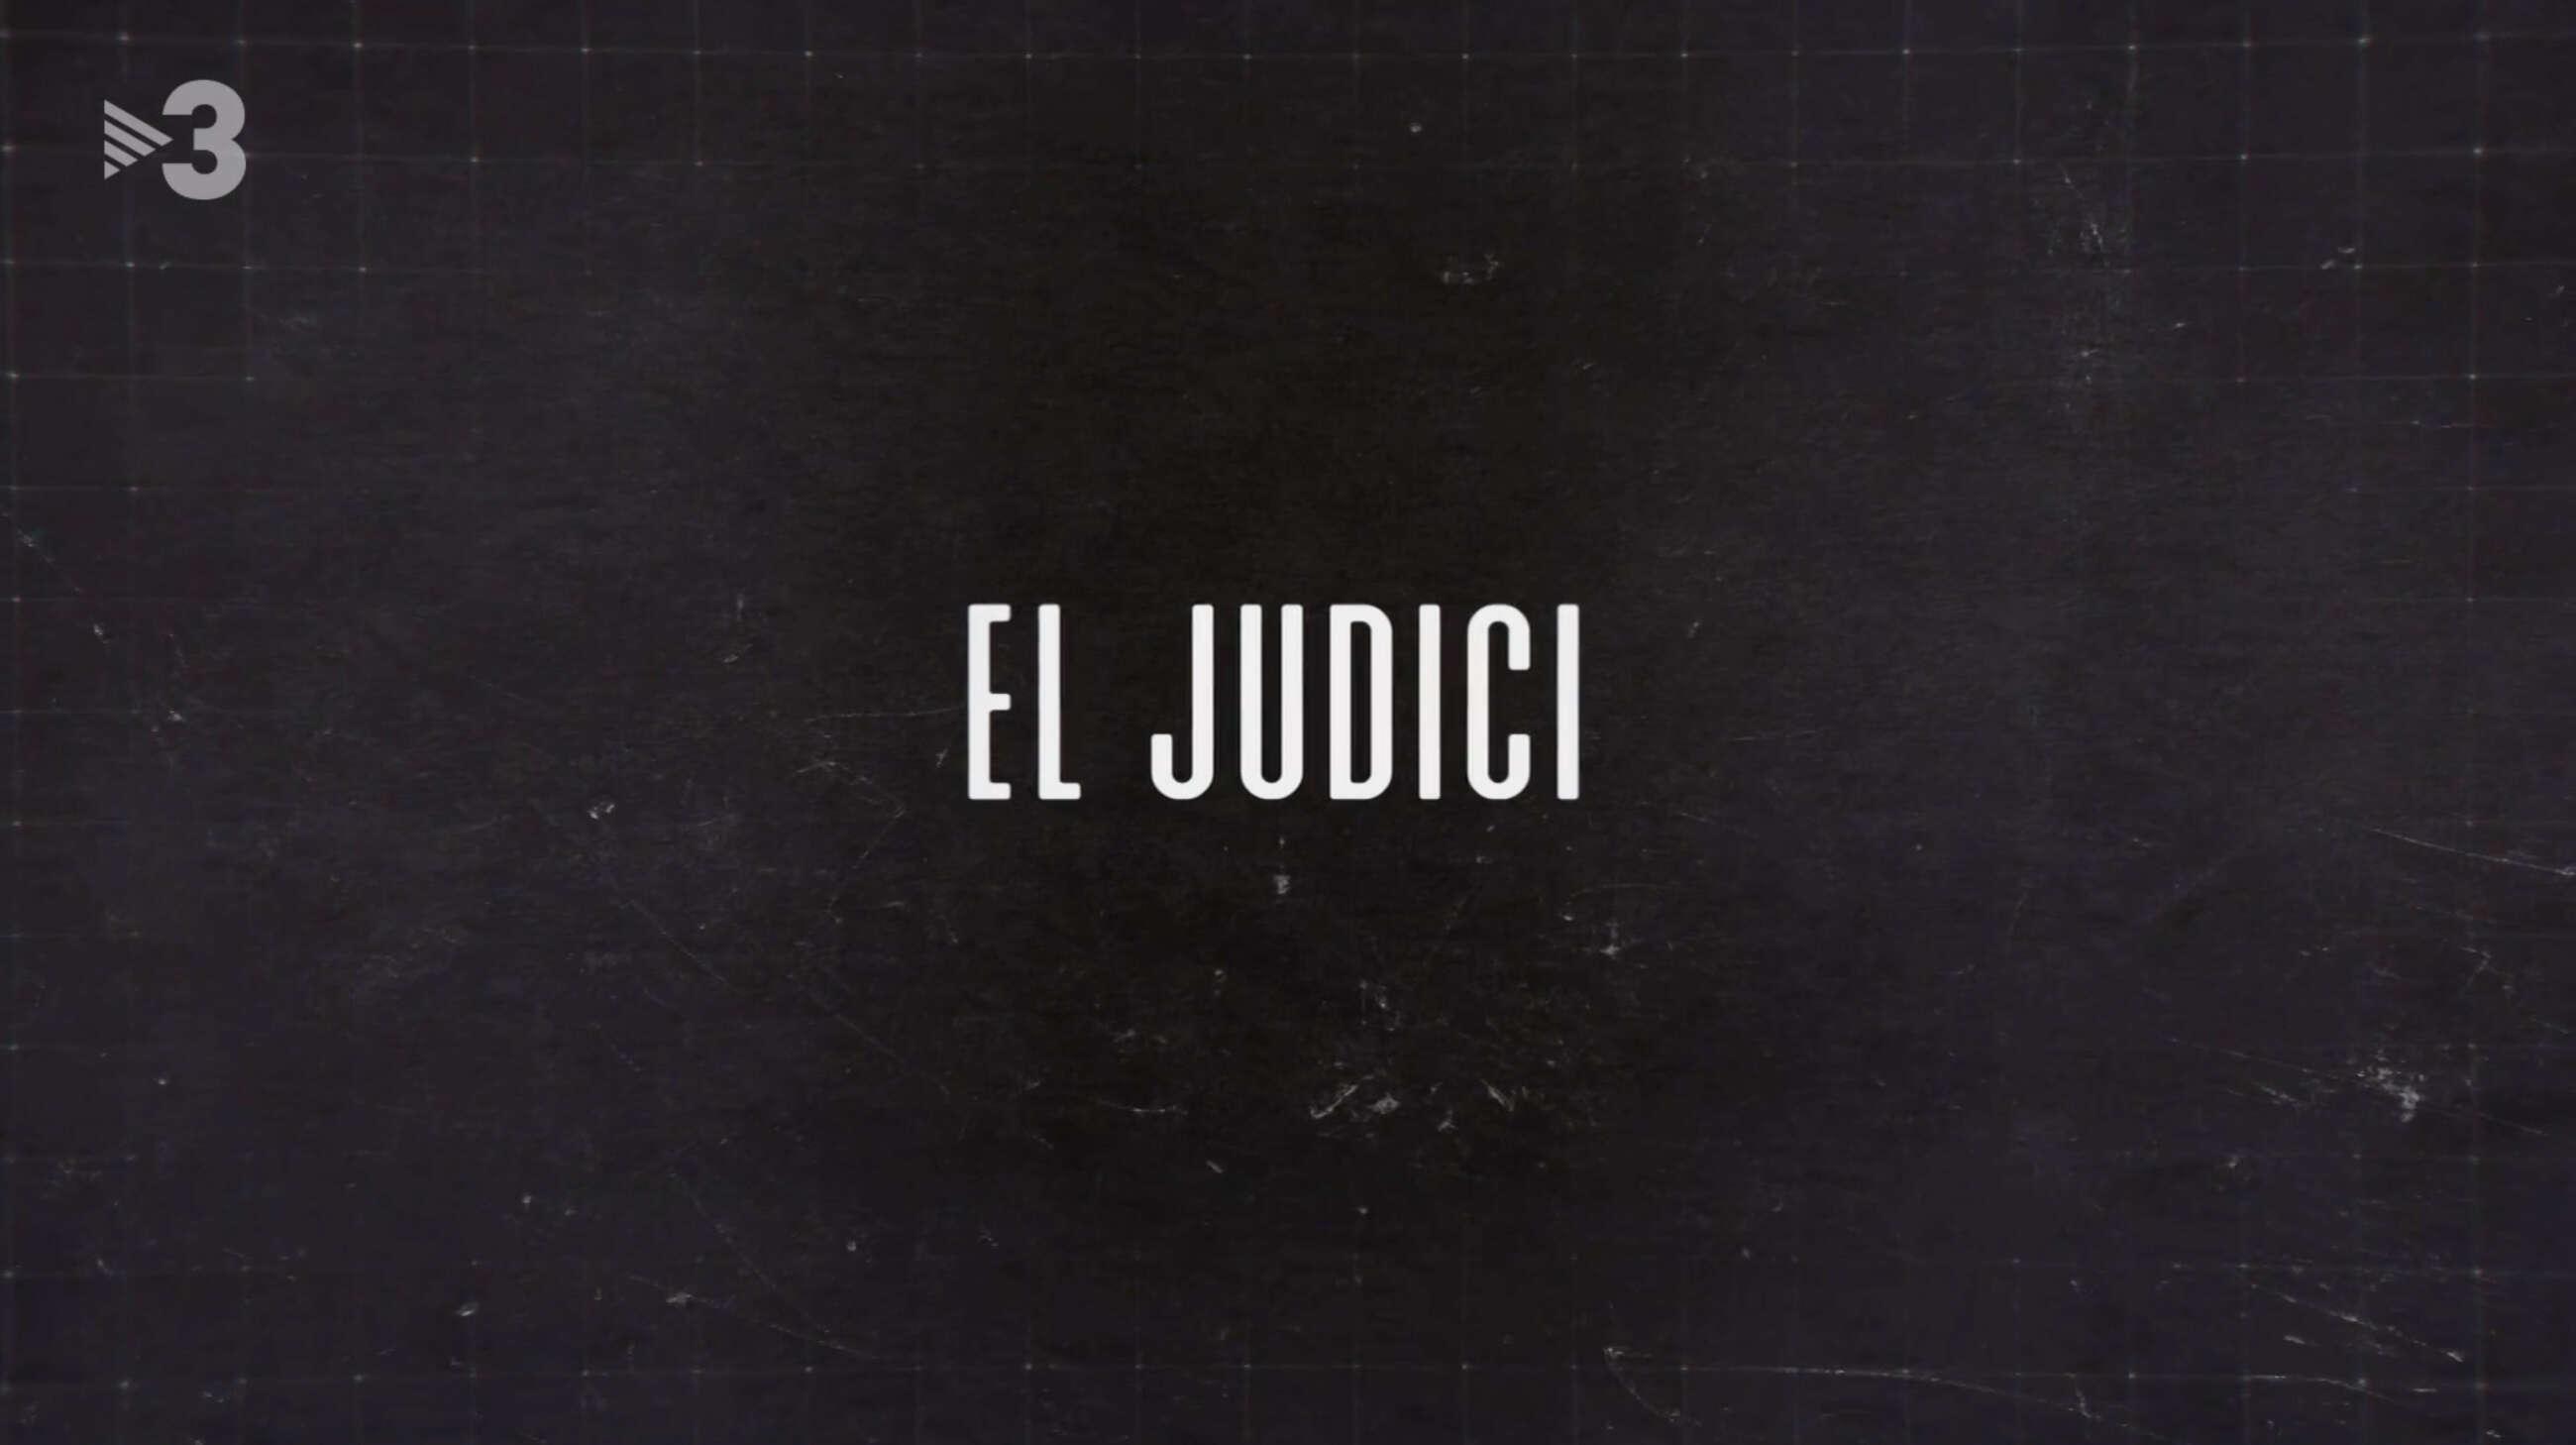 Captura de la cabecera de 'El Judici', el documental de Mediapro para TV3 sobre el judicio del 'procés' / CCMA